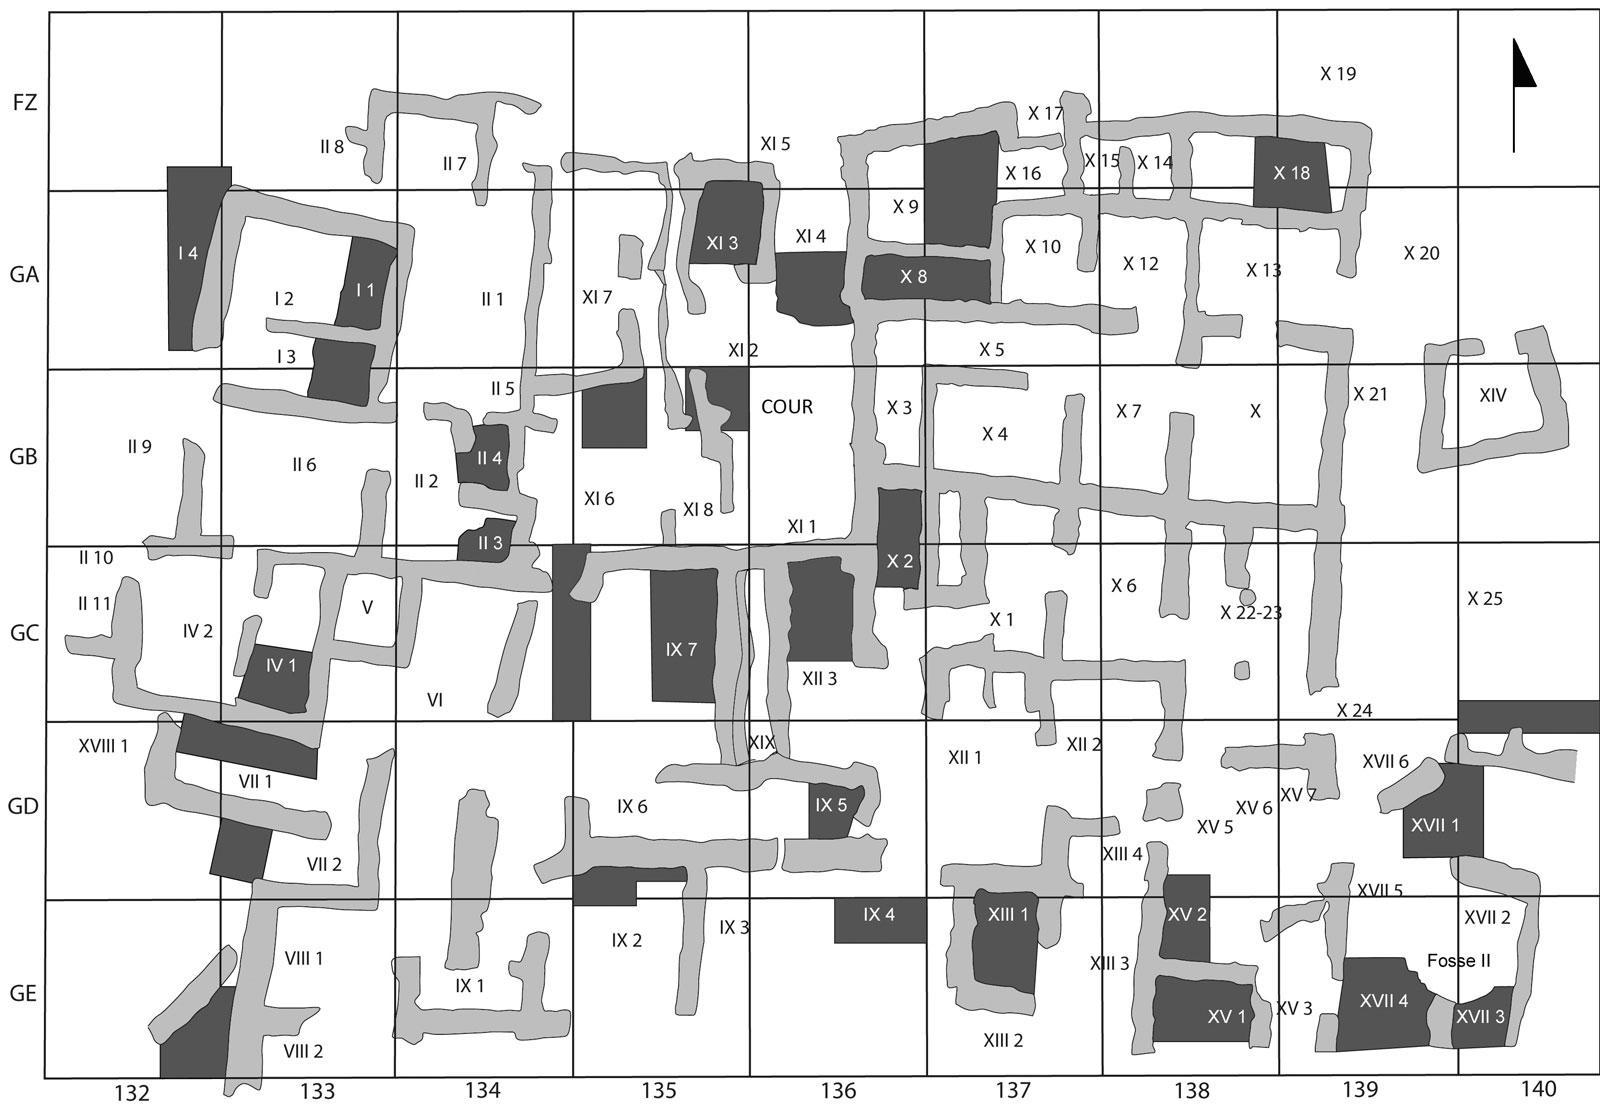 Figure 1. Plan du Quartier Nu, avec en gris foncé les sondages menés sous les niveaux MR IIIA2-B. Relevé J. Driessen ©EfA